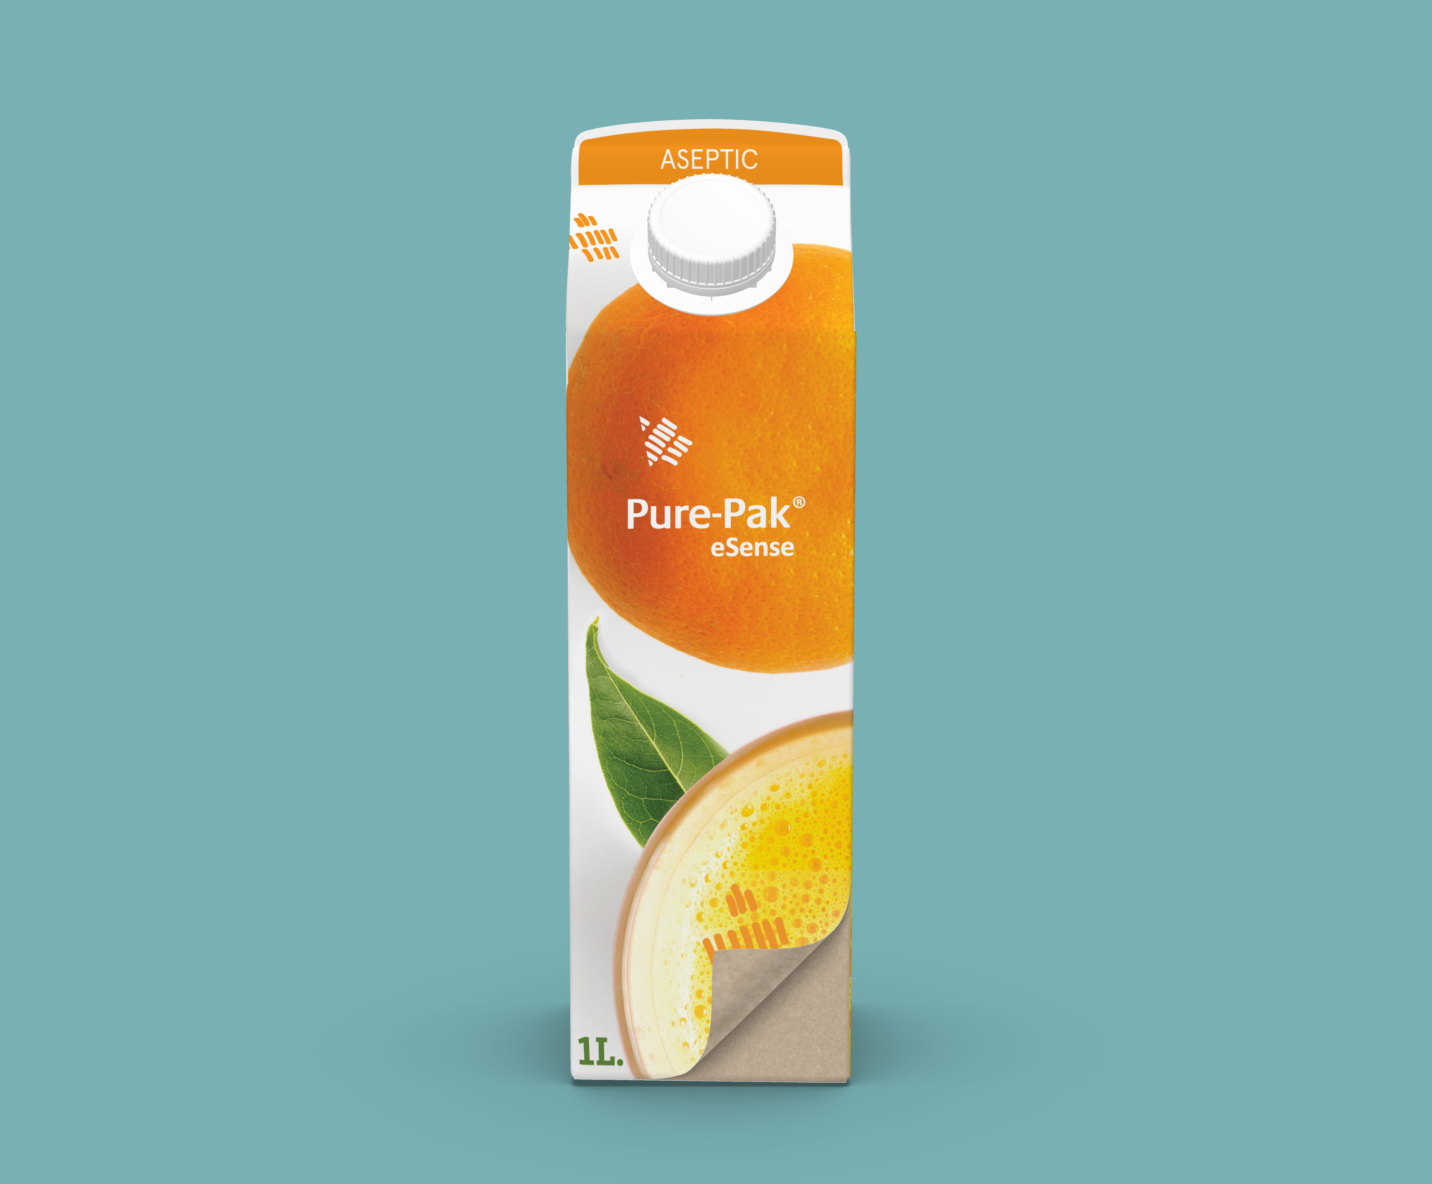 Elopak announces the more environmentally friendly aseptic carton – the Pure-Pak® eSense